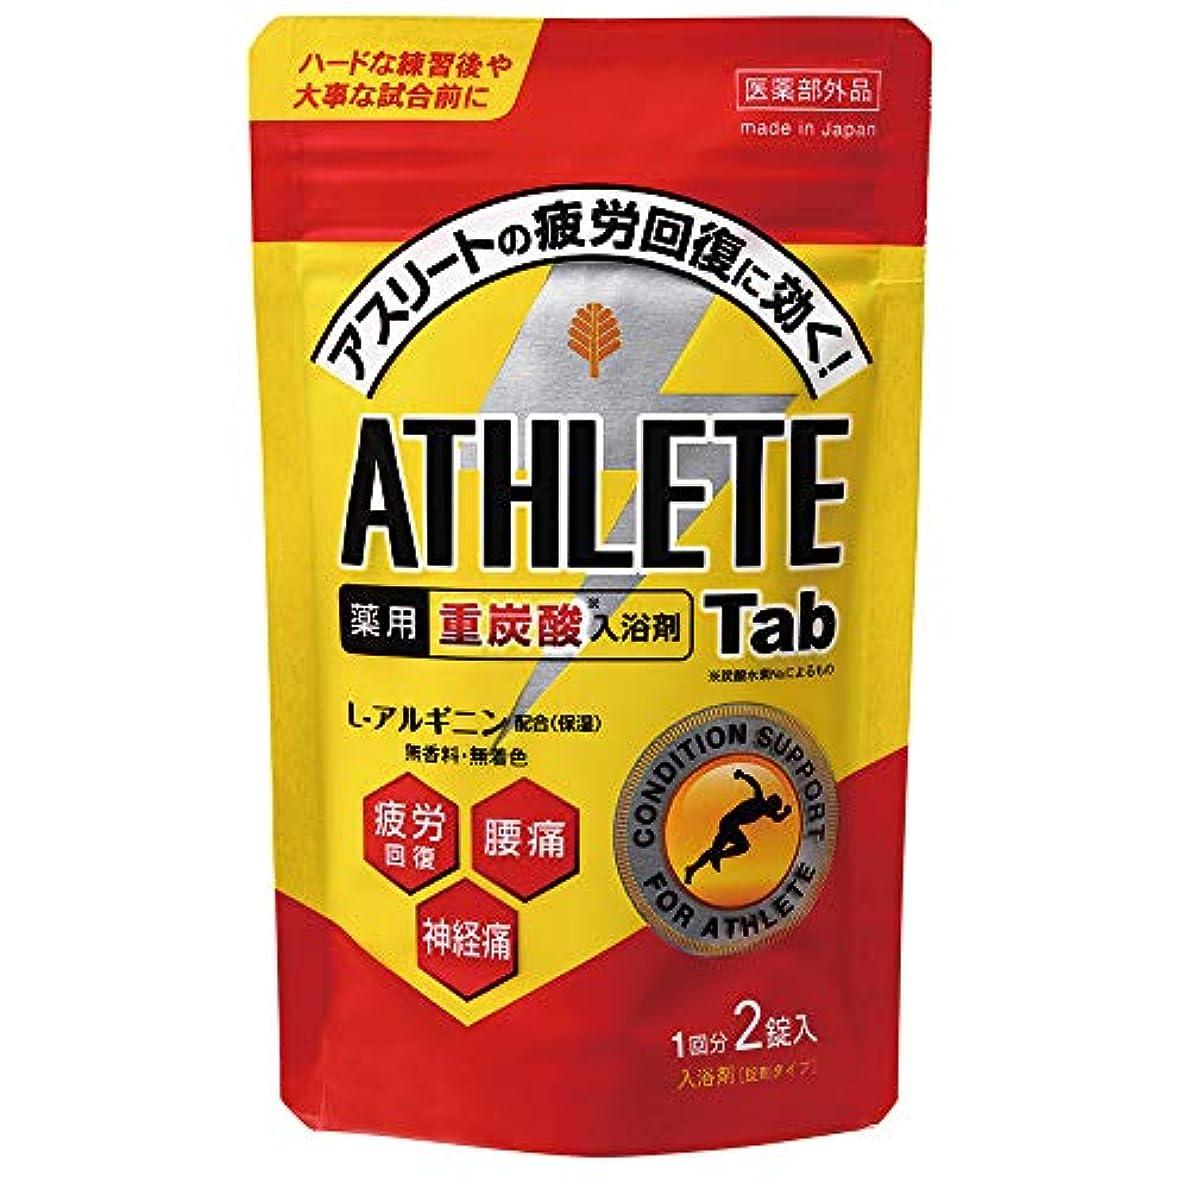 シリーズびっくりするシリーズ日本製 made in japan 薬用 ATHLETE Tab2錠x1パック BT-8572 【まとめ買い12個セット】